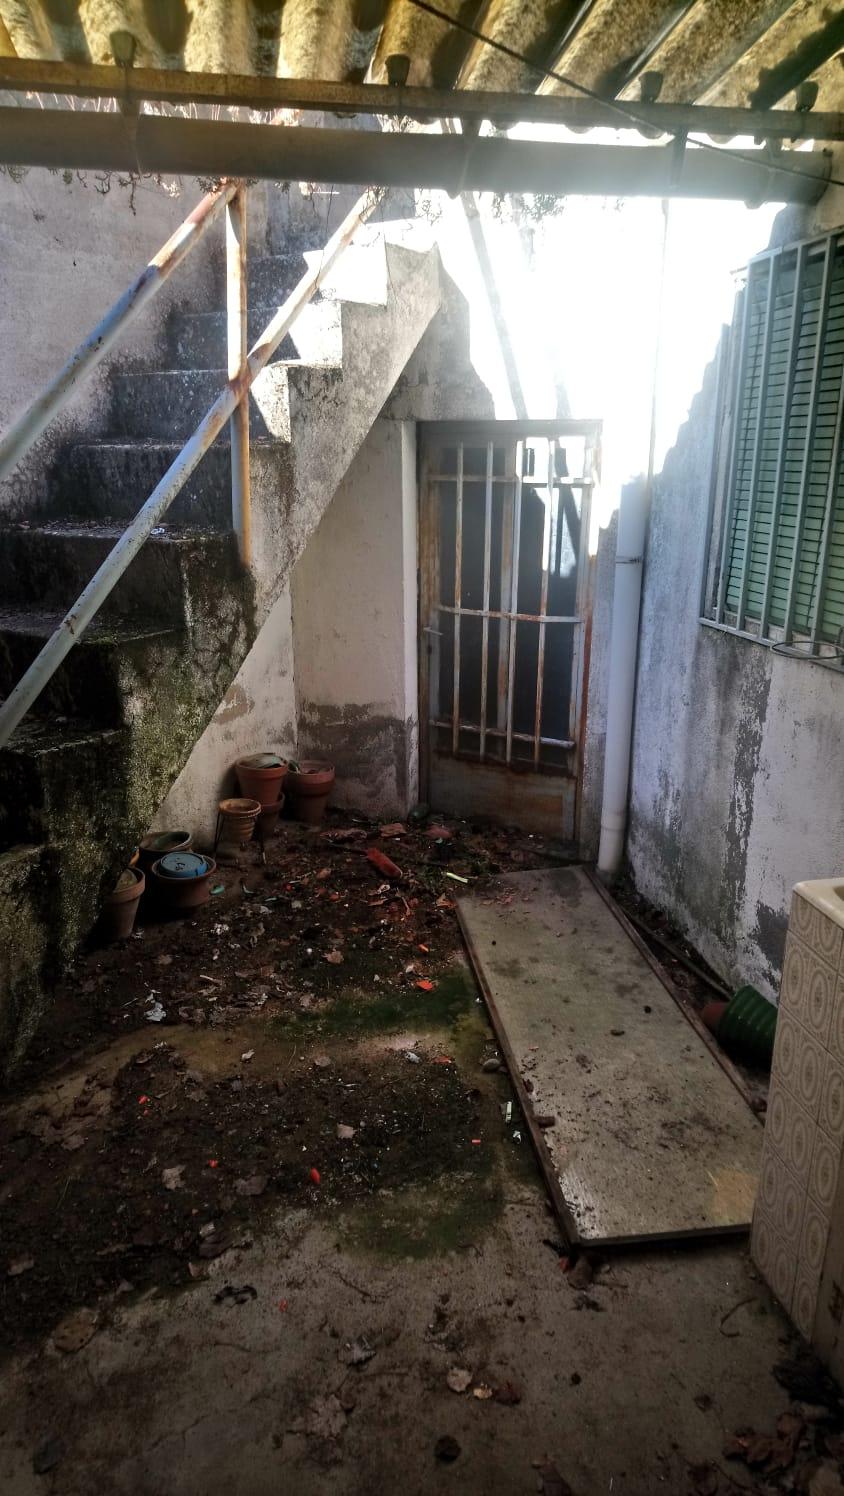 CASA CON GARAJE Y TERRAZA EN BARRIO DE LA VEGA (REF: 202) - foto 8 77722f4c-3f0c-4d0c-ba8a-ff84673da207.jpg